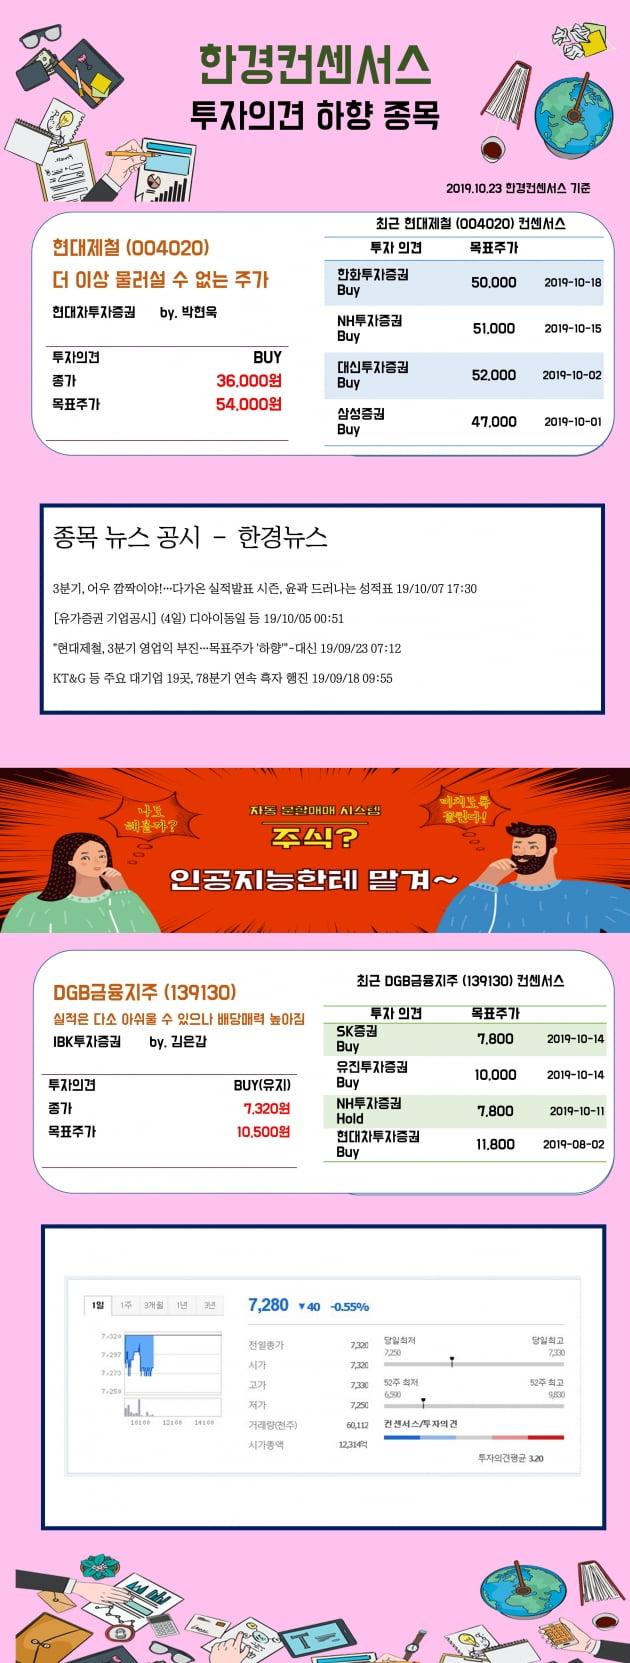 [한경컨센서스] 23일 리포트 투자의견 하향종목 (1)